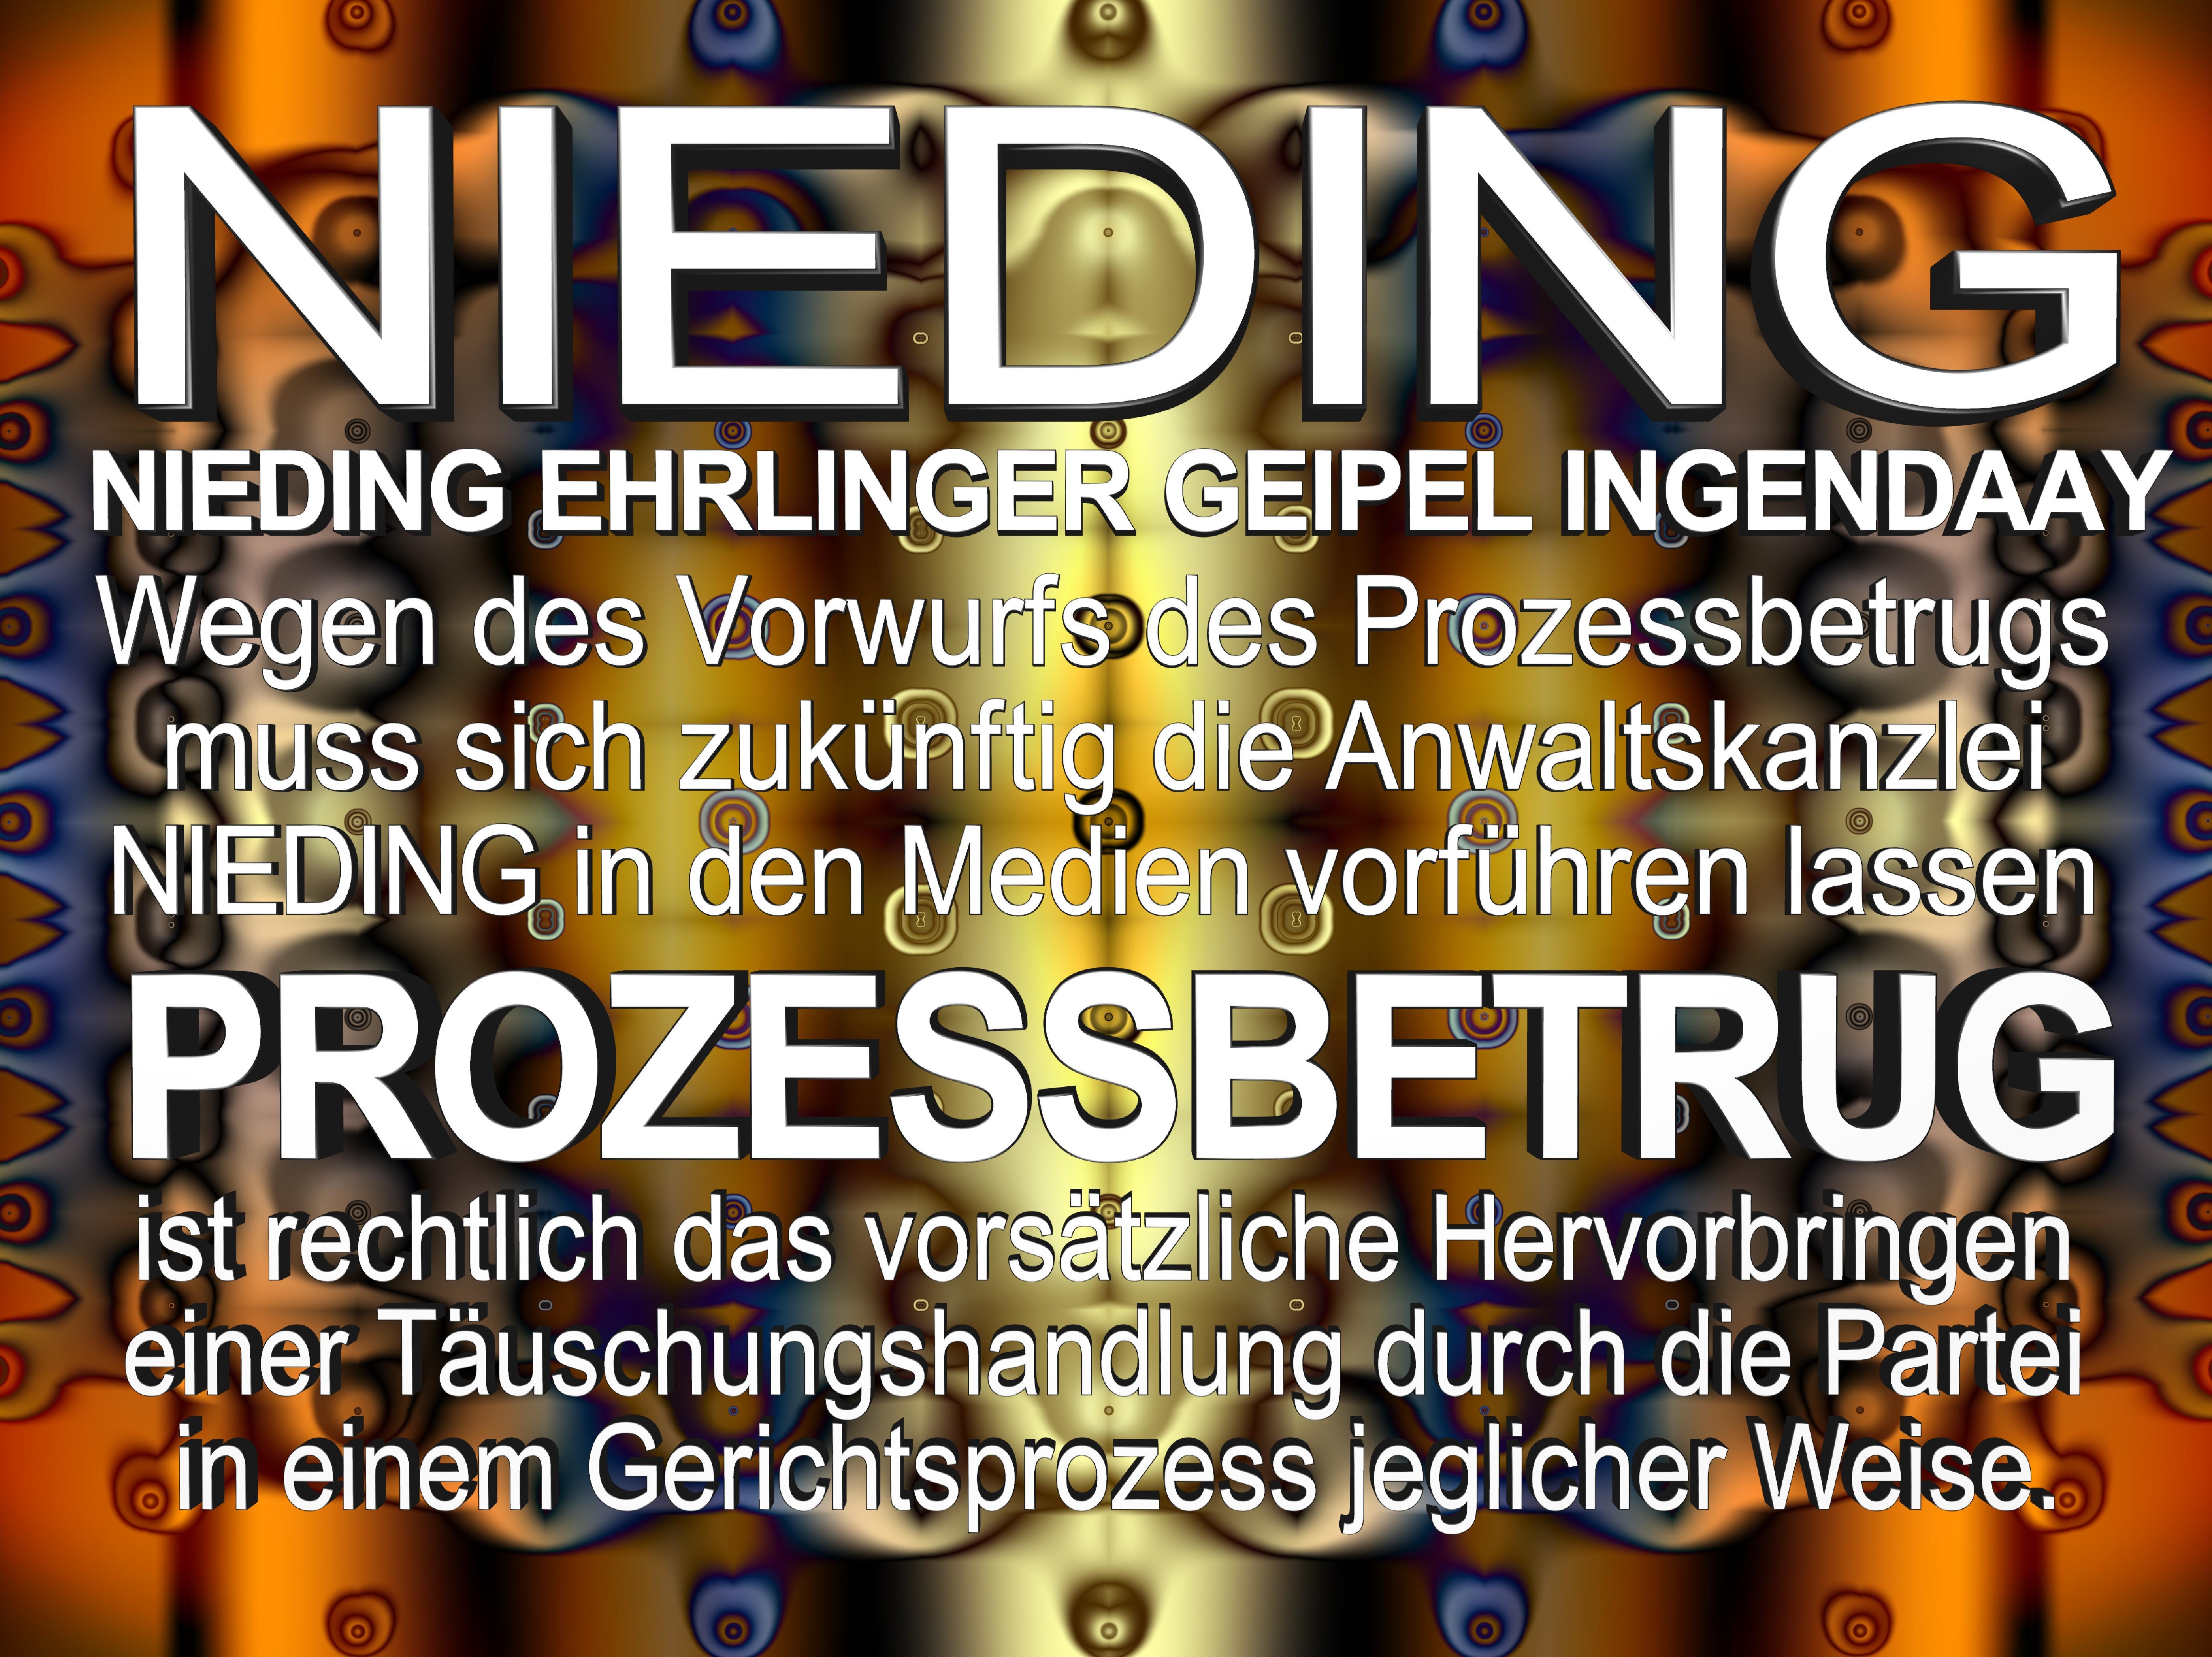 NIEDING EHRLINGER GEIPEL INGENDAAY LELKE Kurfürstendamm 66 Berlin (172)